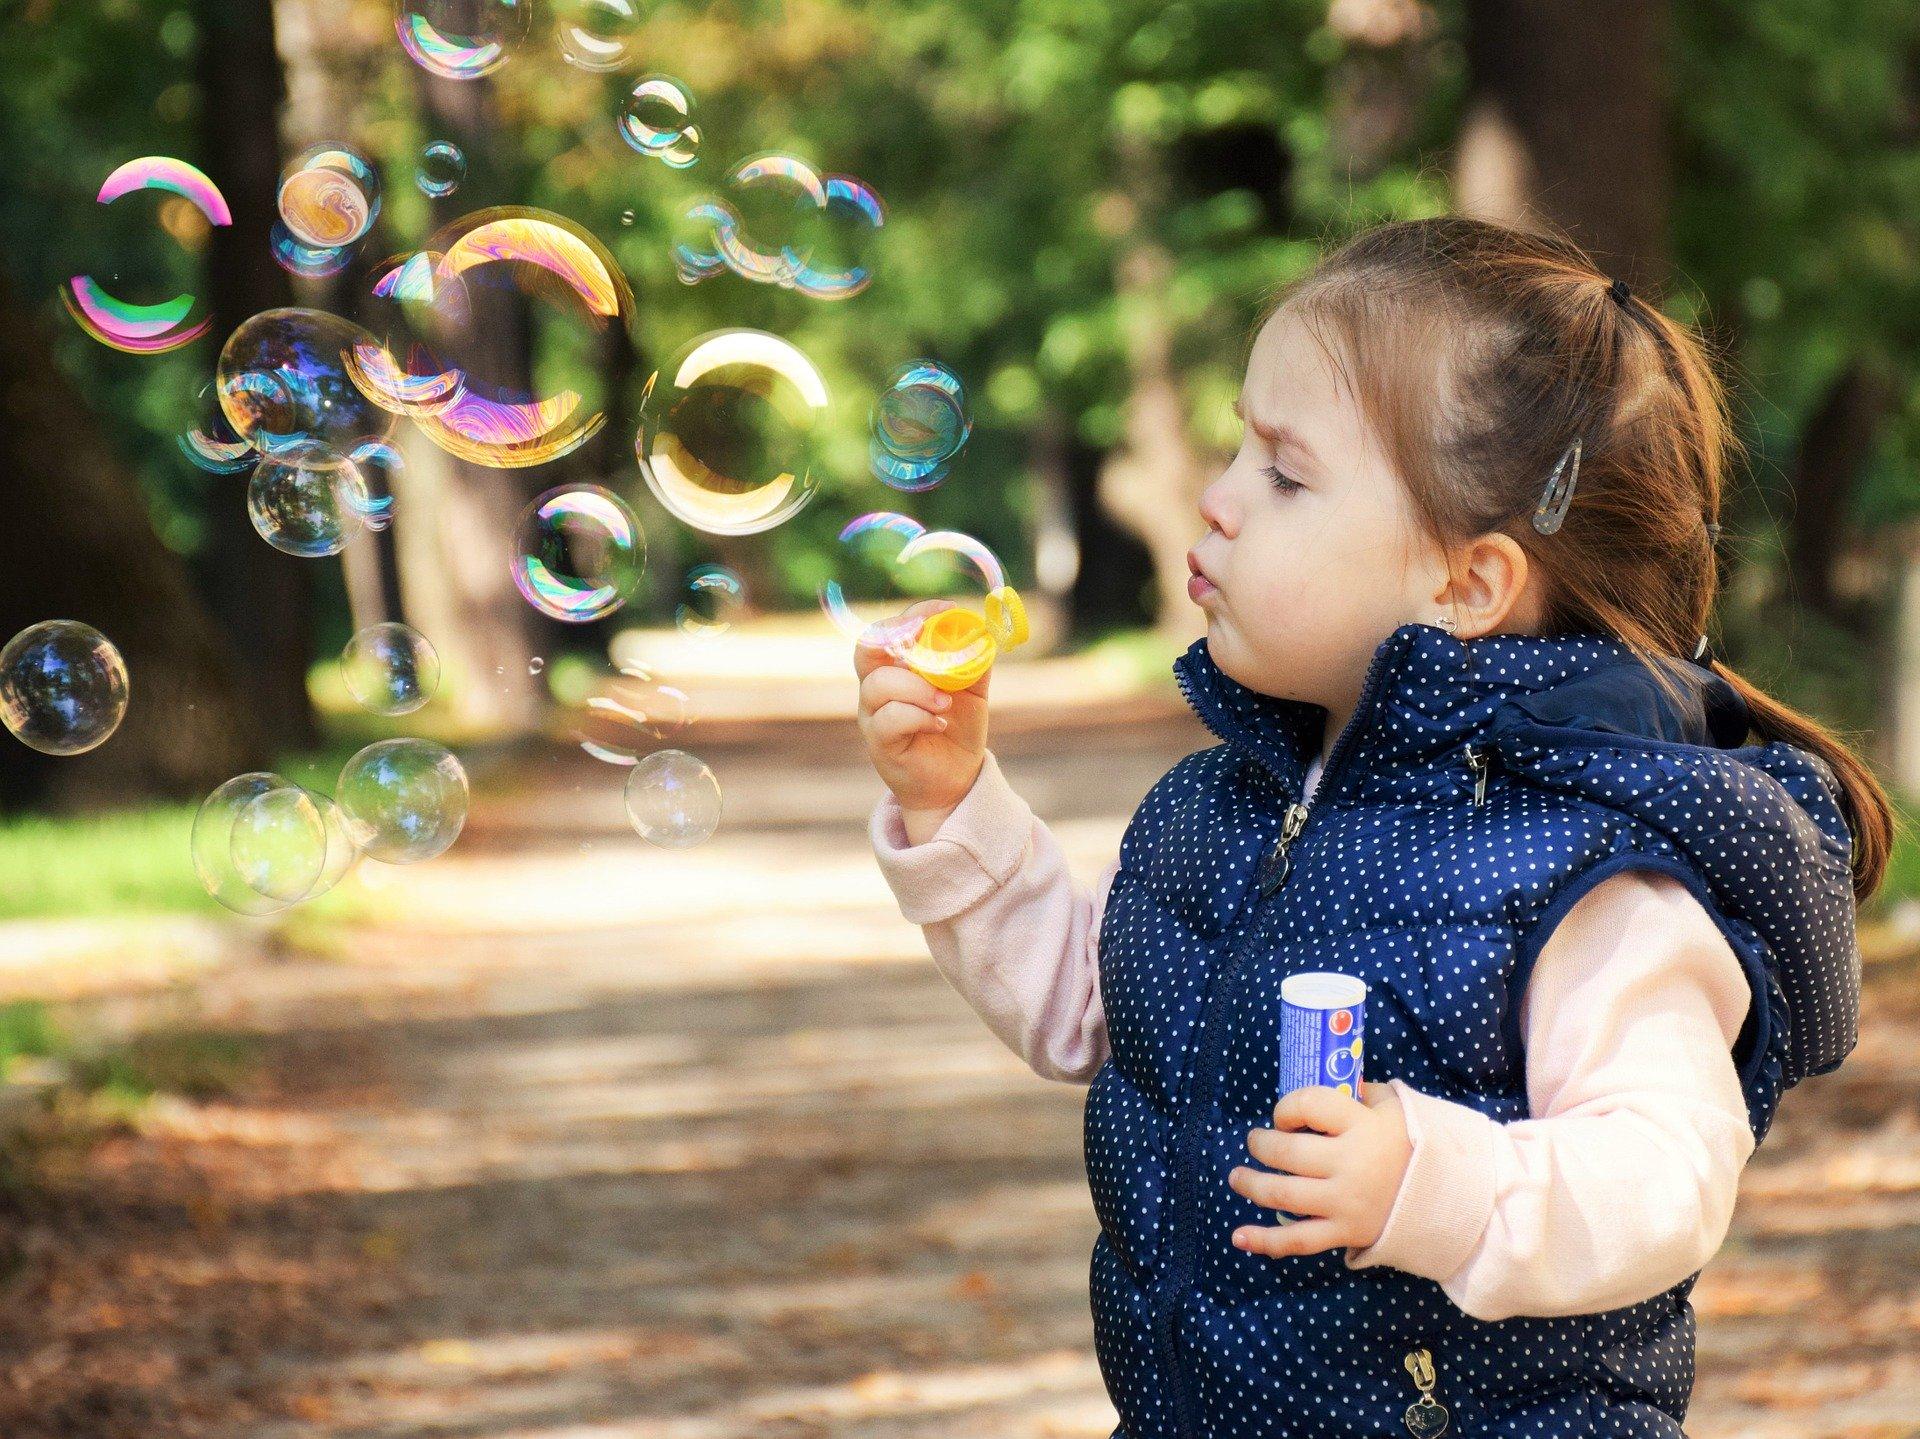 Publicidade dirigida a crianças atinge taxa de cumprimento de quase 100%